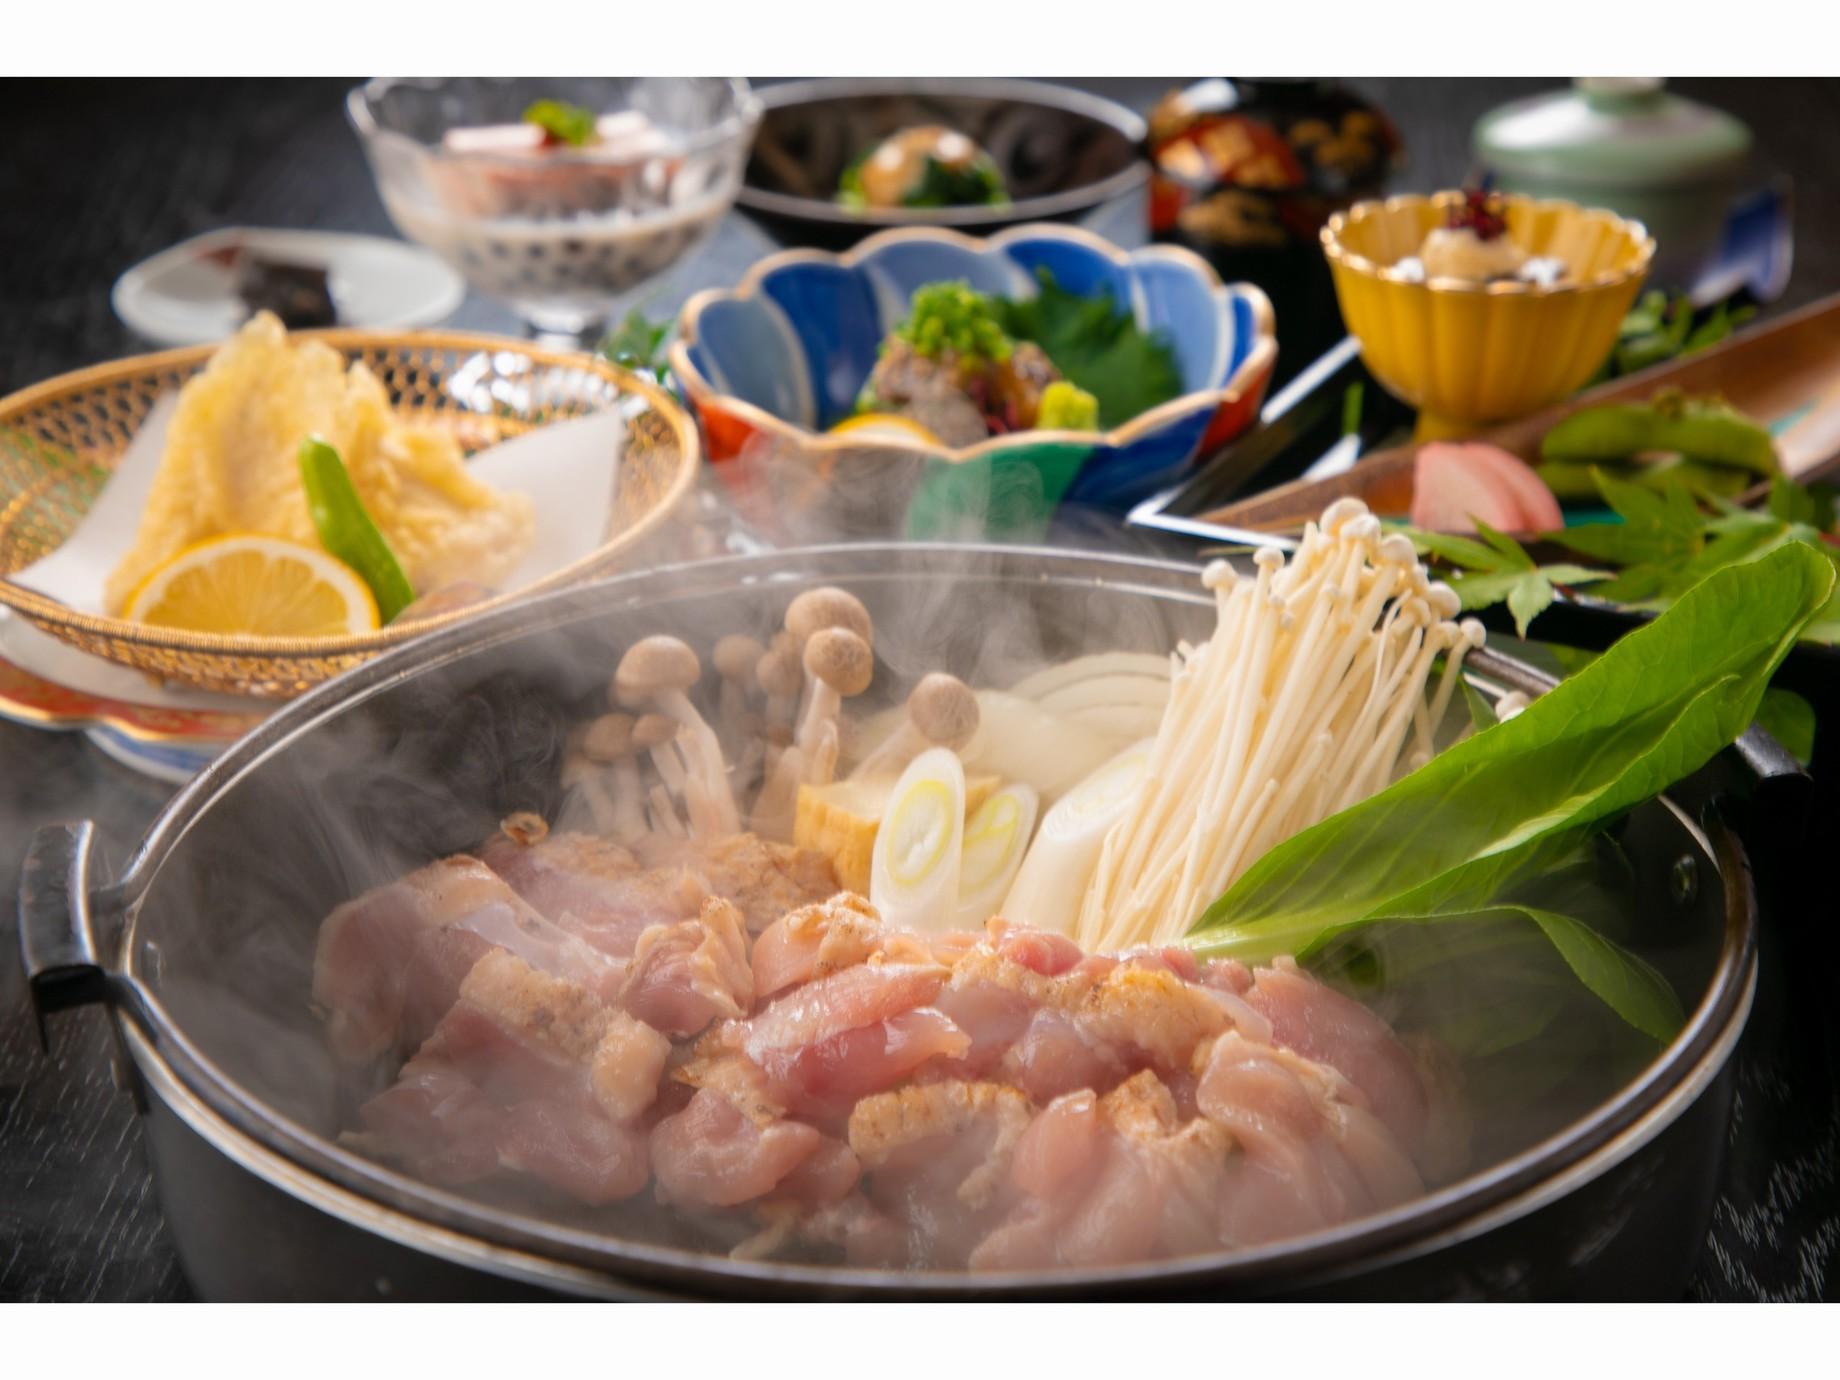 おおいた地鶏の美味しさが十分に味わえる【鶏すき会席】-torisuki-